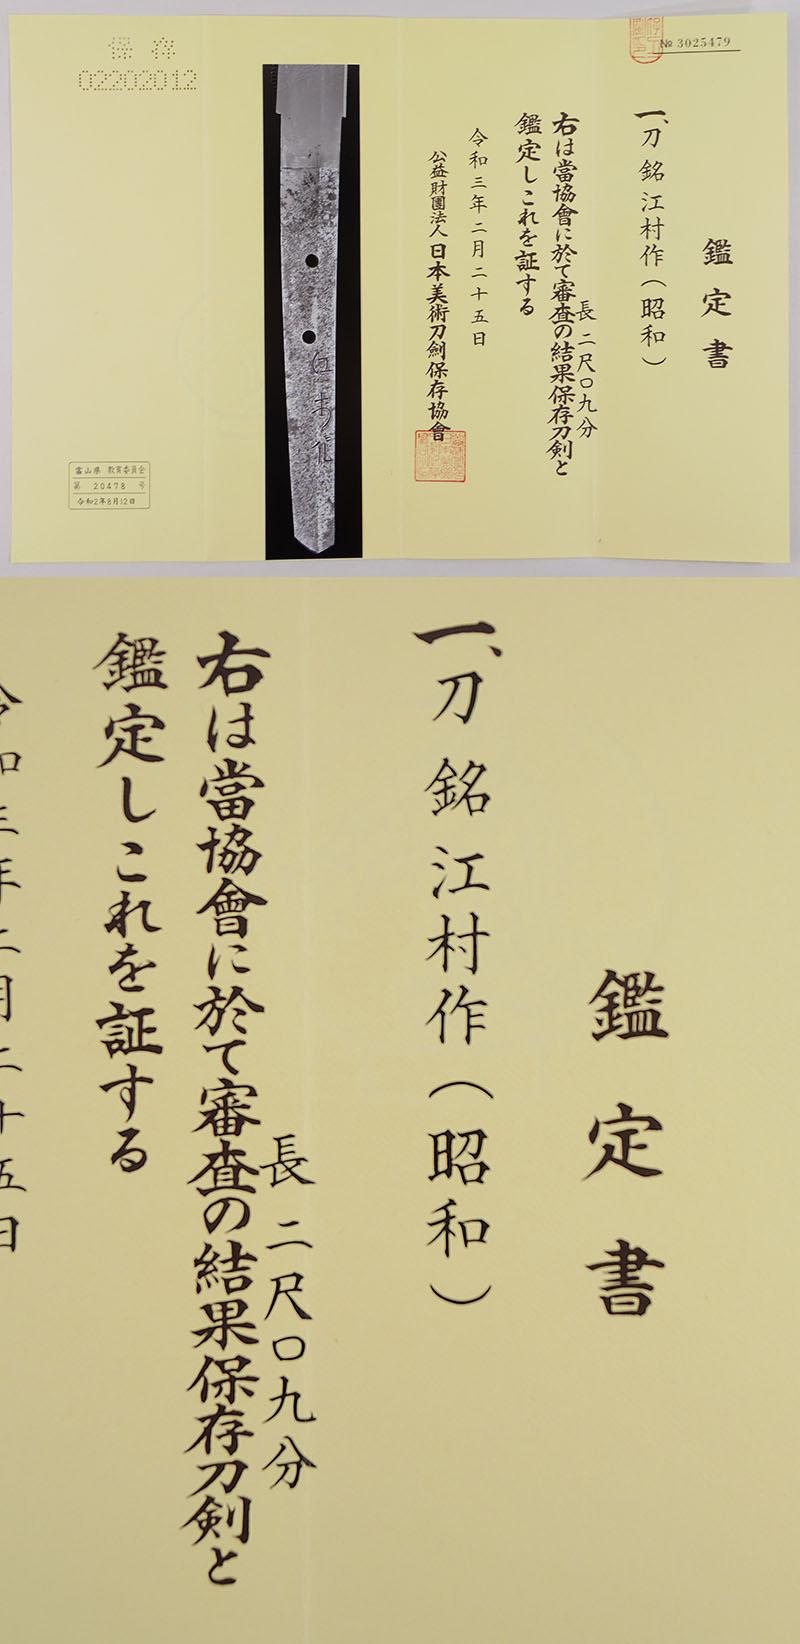 刀 江村作(昭和) (一原長光) (軍刀拵入り)鑑定書画像